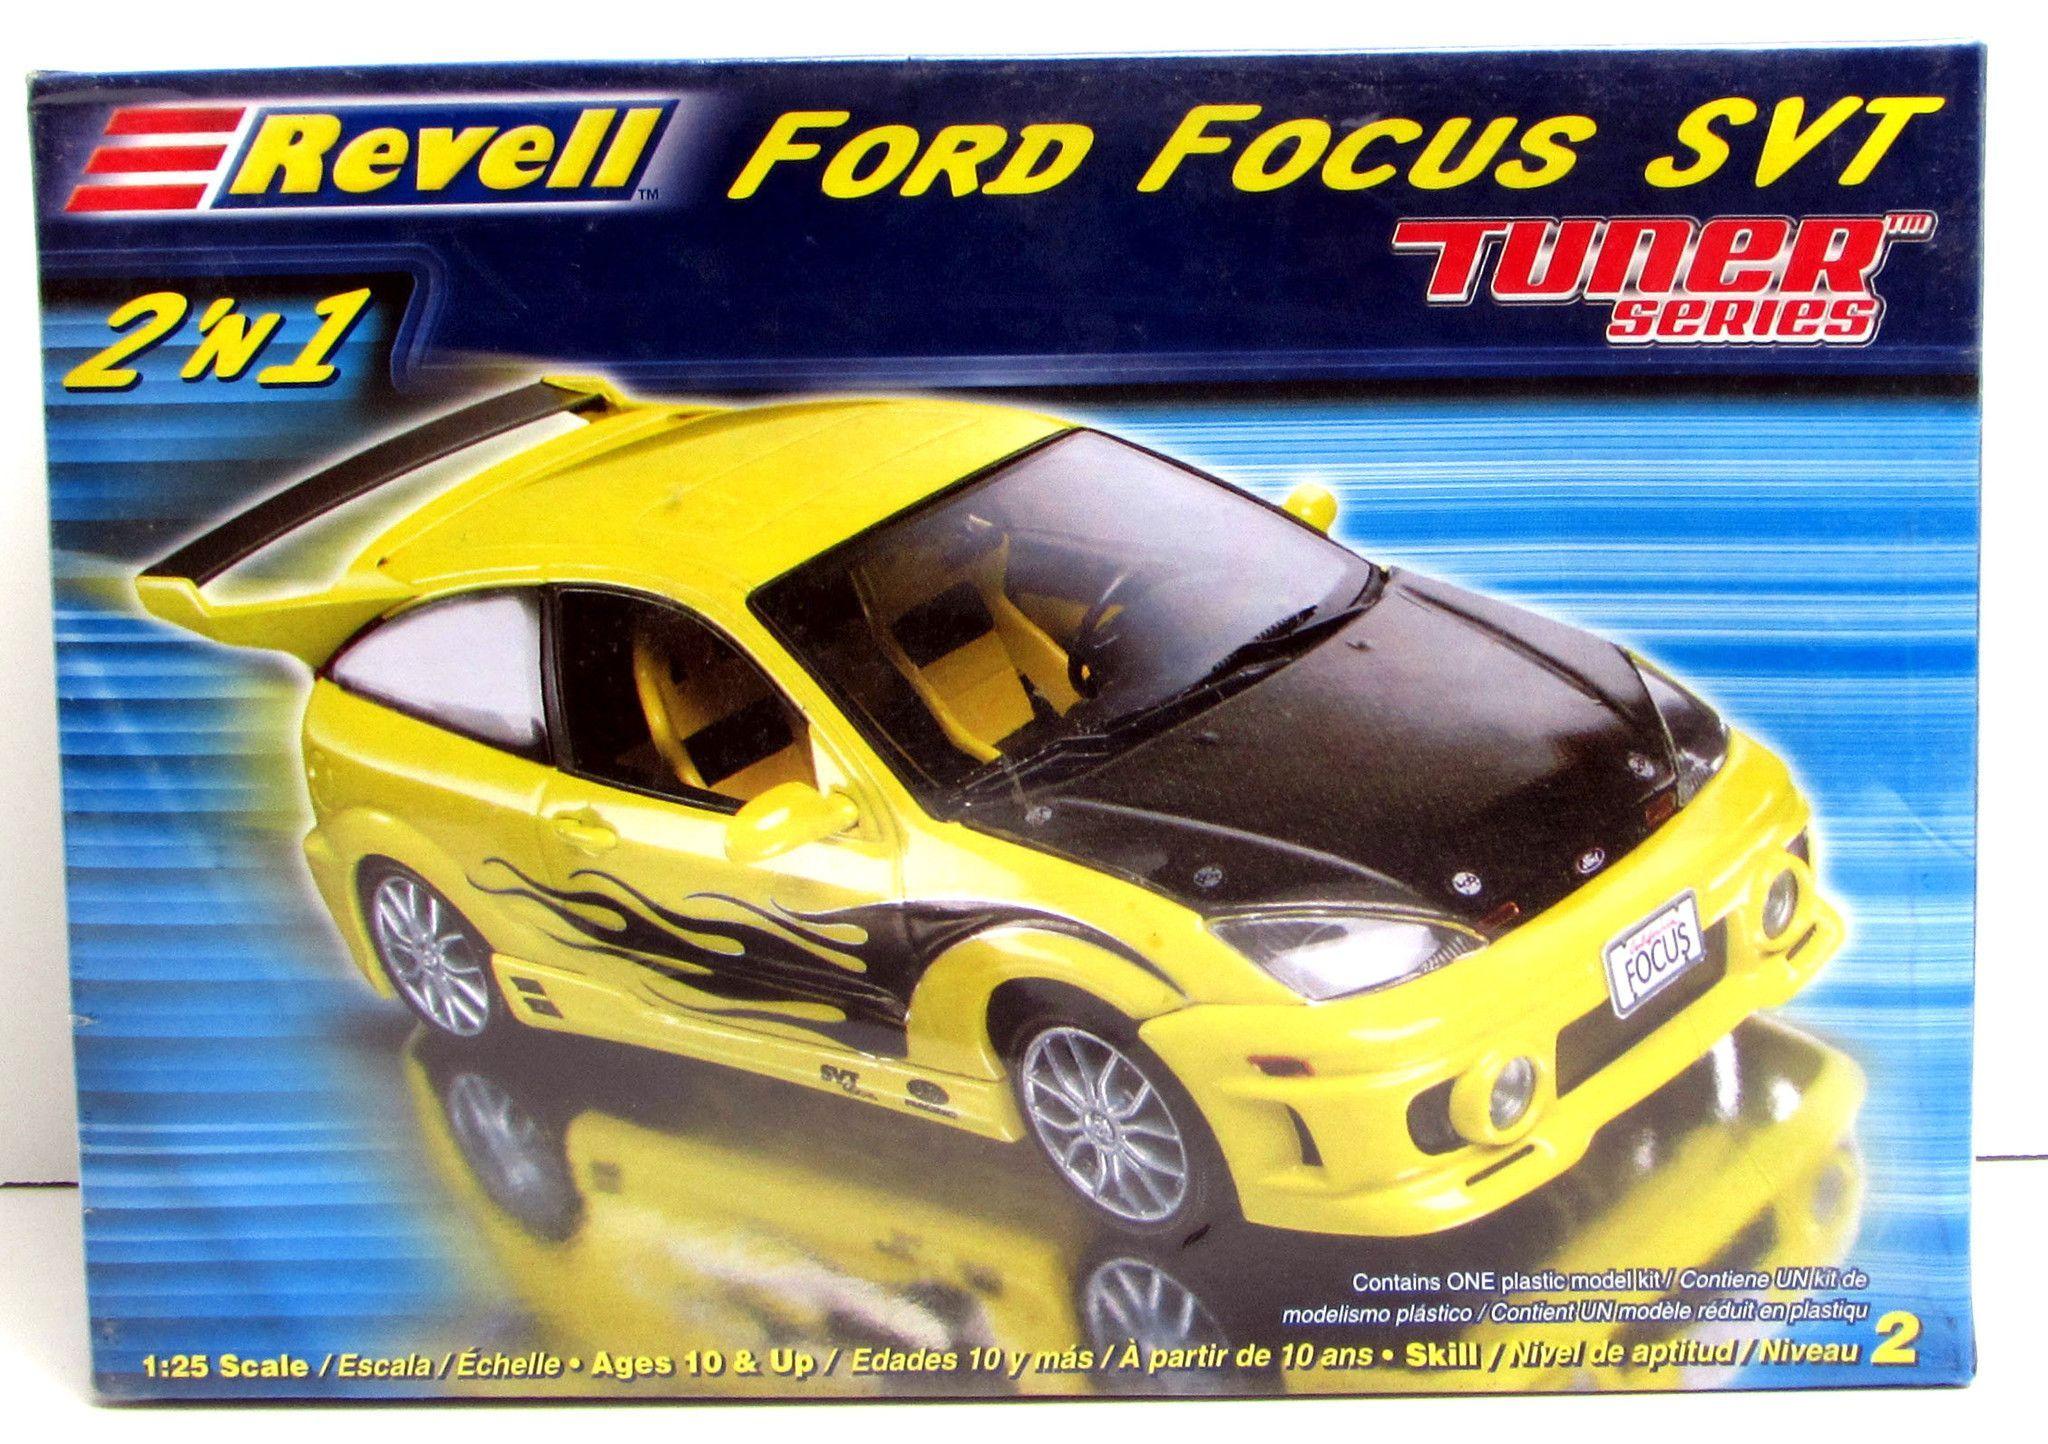 Ford focus svt tuner series revell 85 2187 1 25 new car model